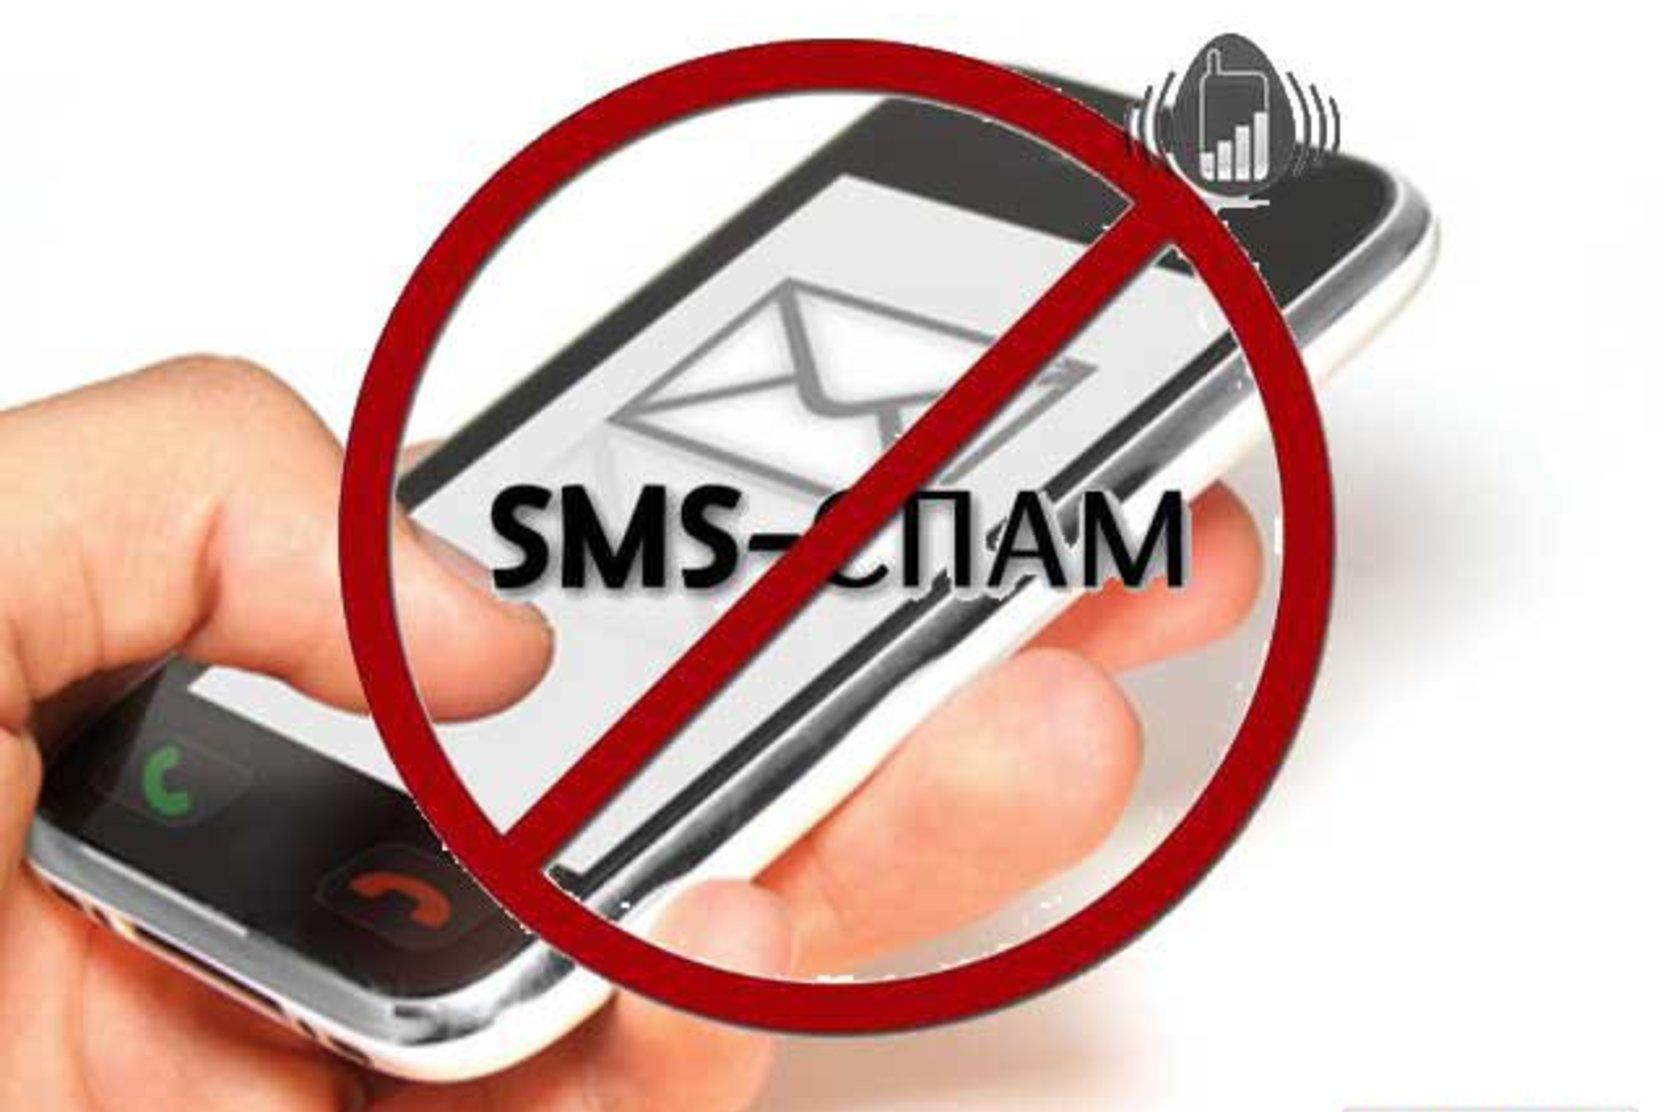 Виды телефонного спама, наносимый им ущерб и способы борьбы в рамках действующего законодательства